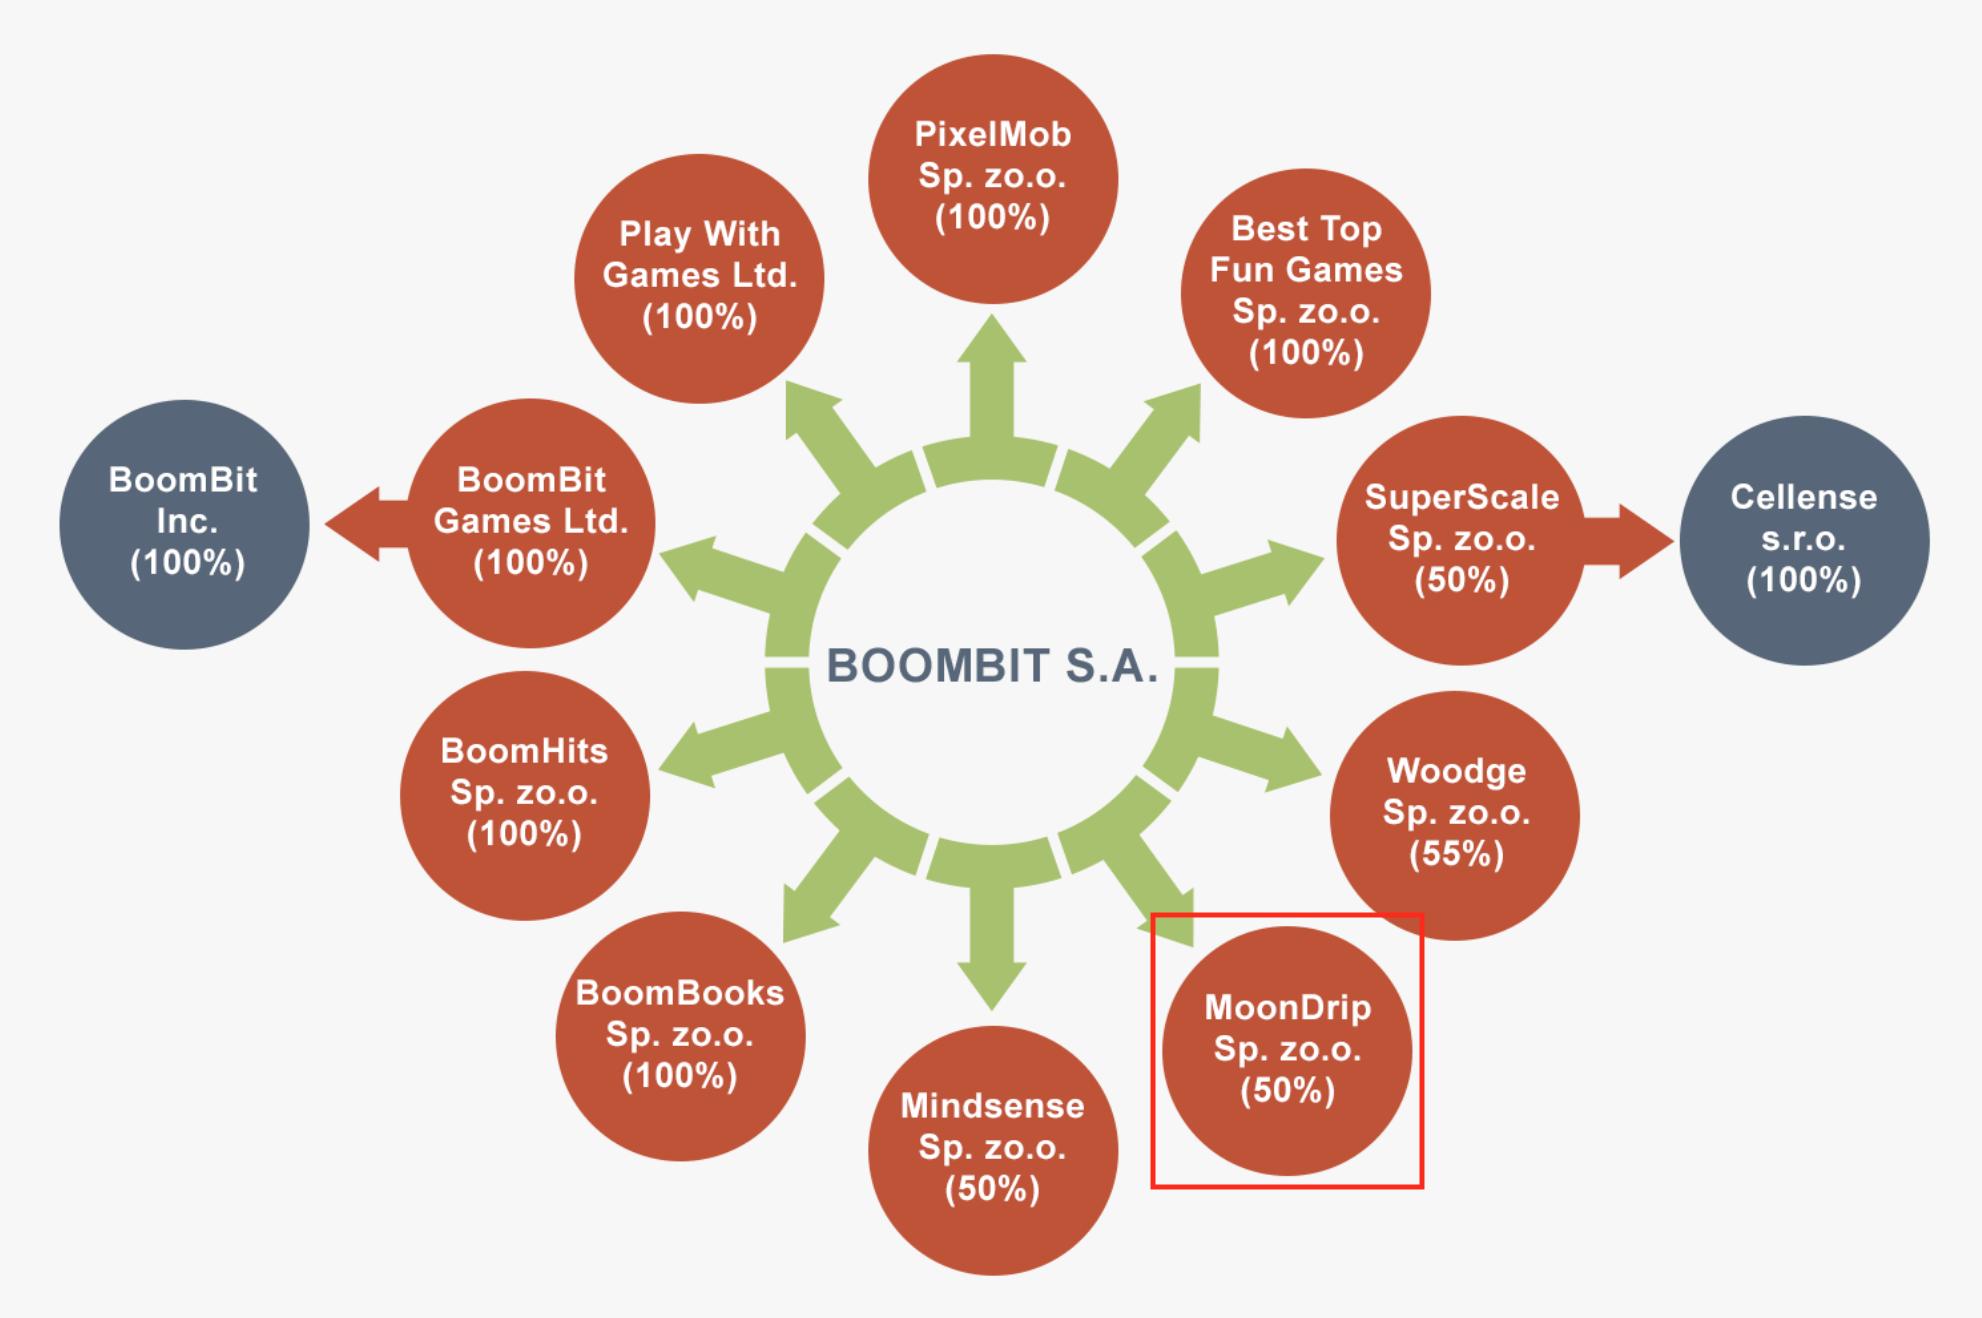 Source: BoomBit website